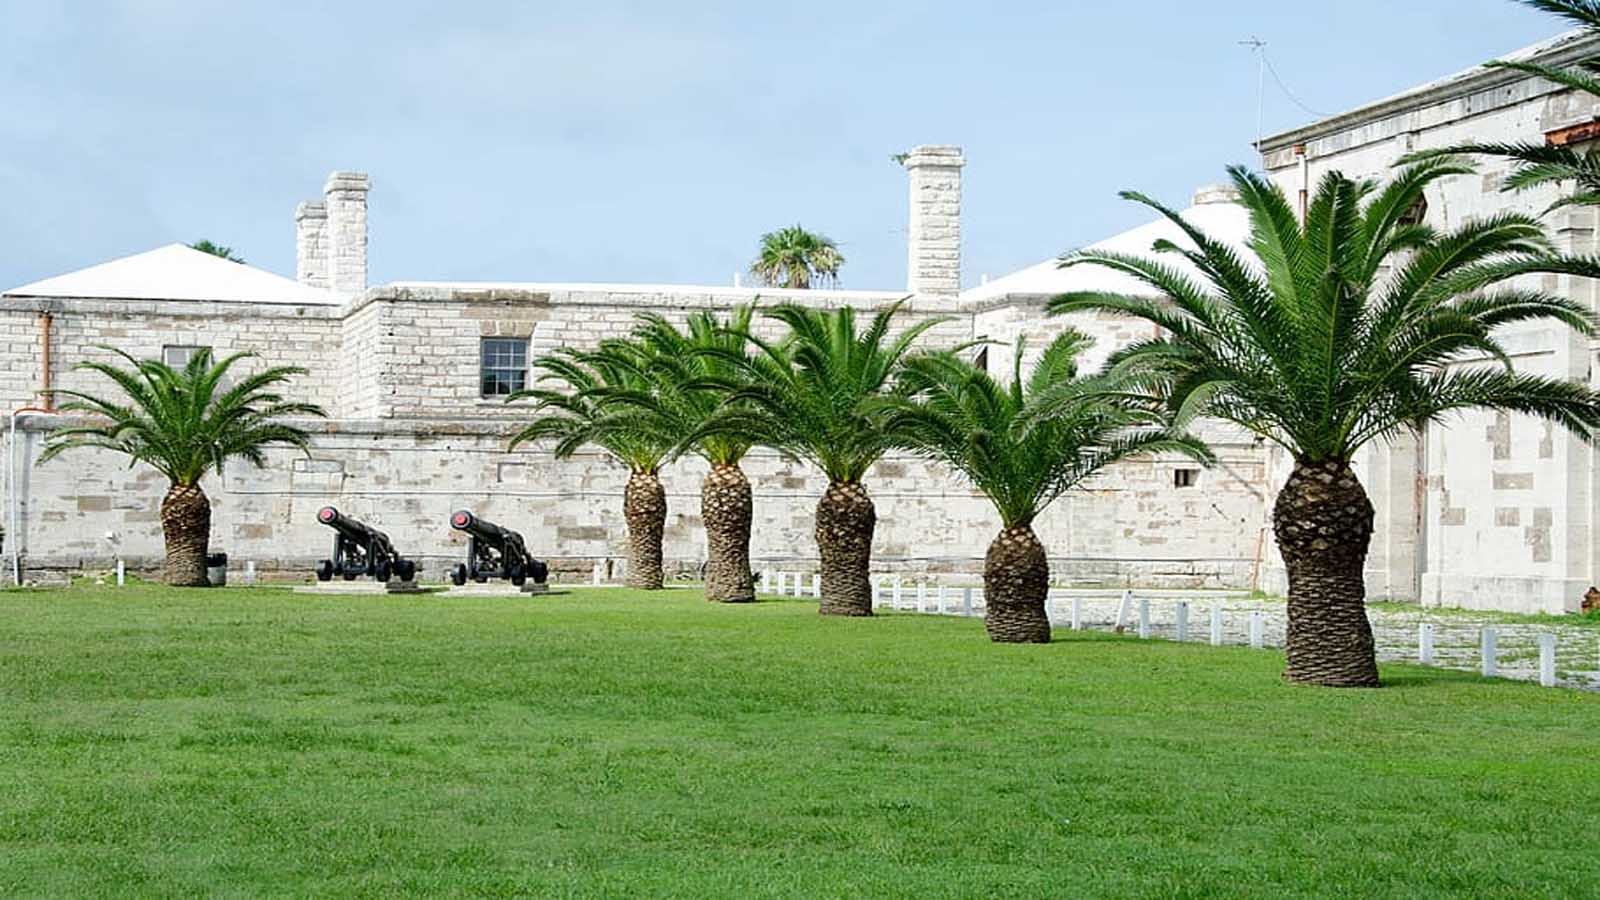 Césped bermuda (Bermuda grass)